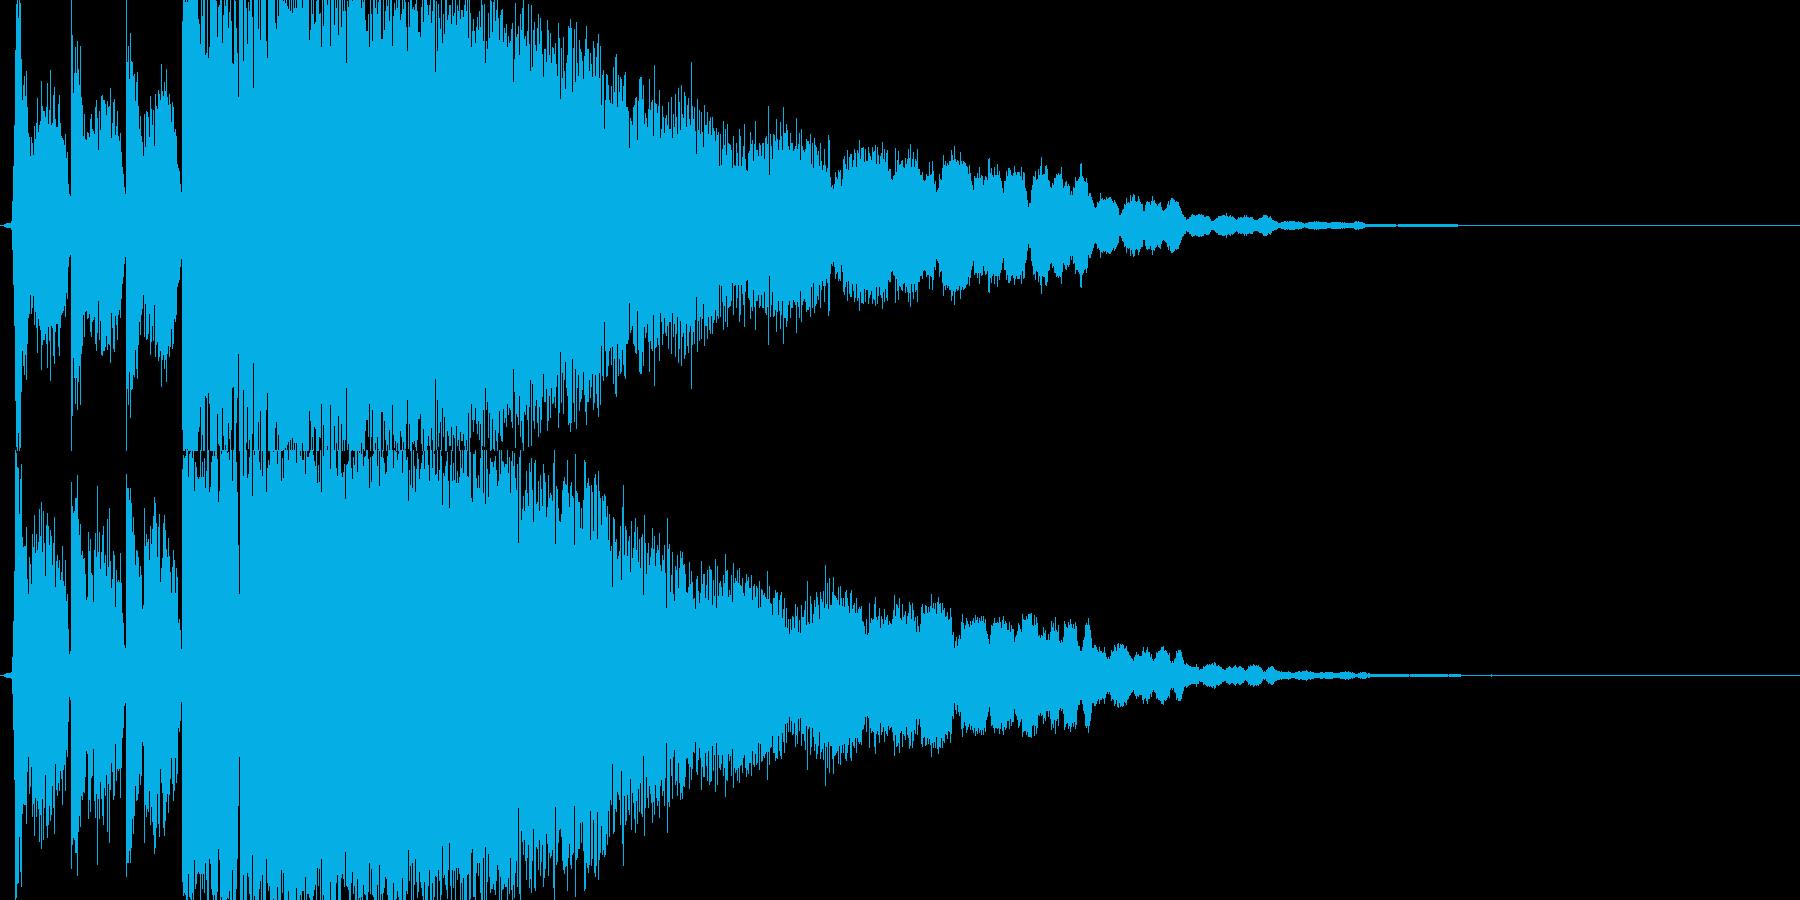 インパクトのある効果音の再生済みの波形